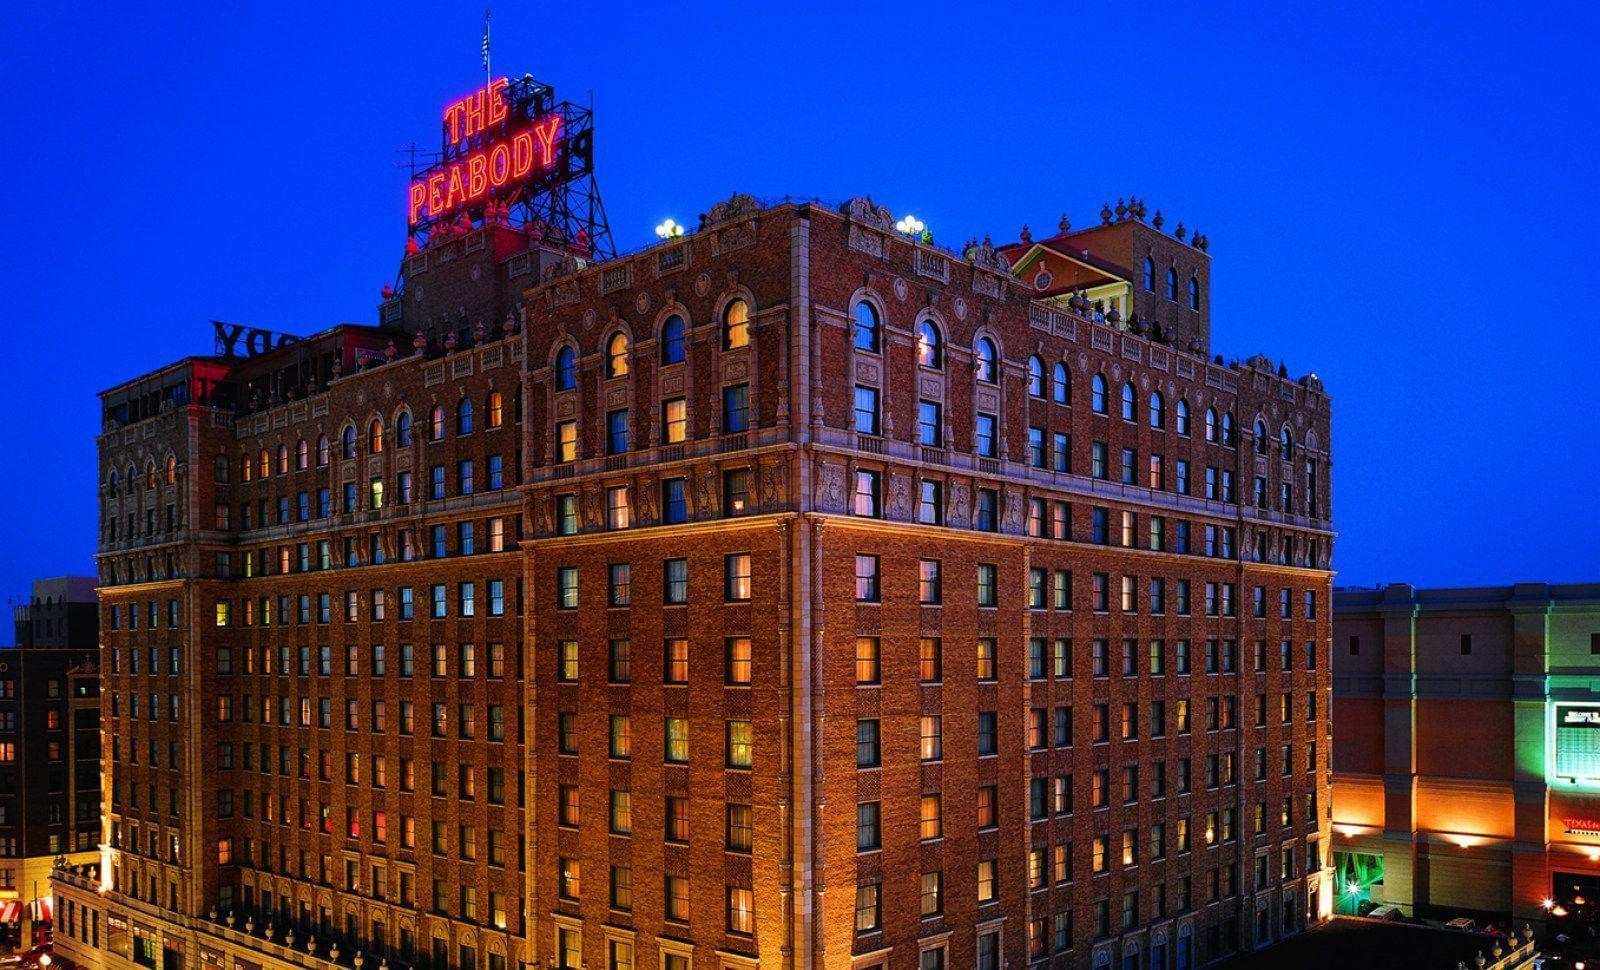 The Peabody Memphis Exterior